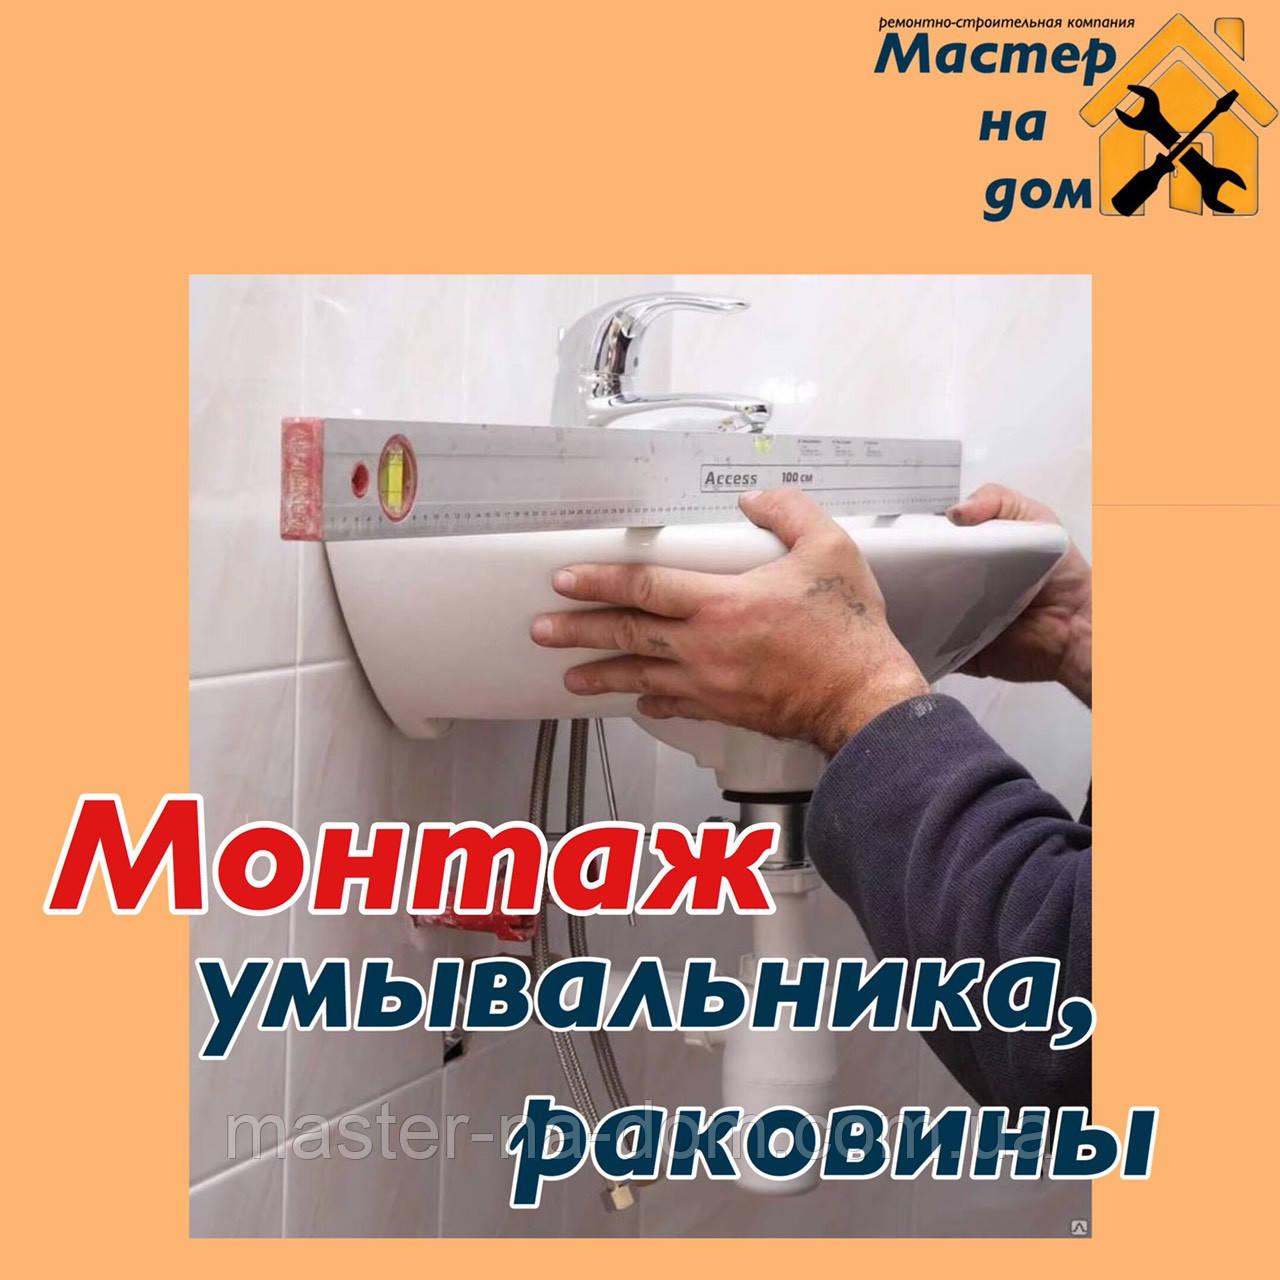 Монтаж умывальника в Одессе